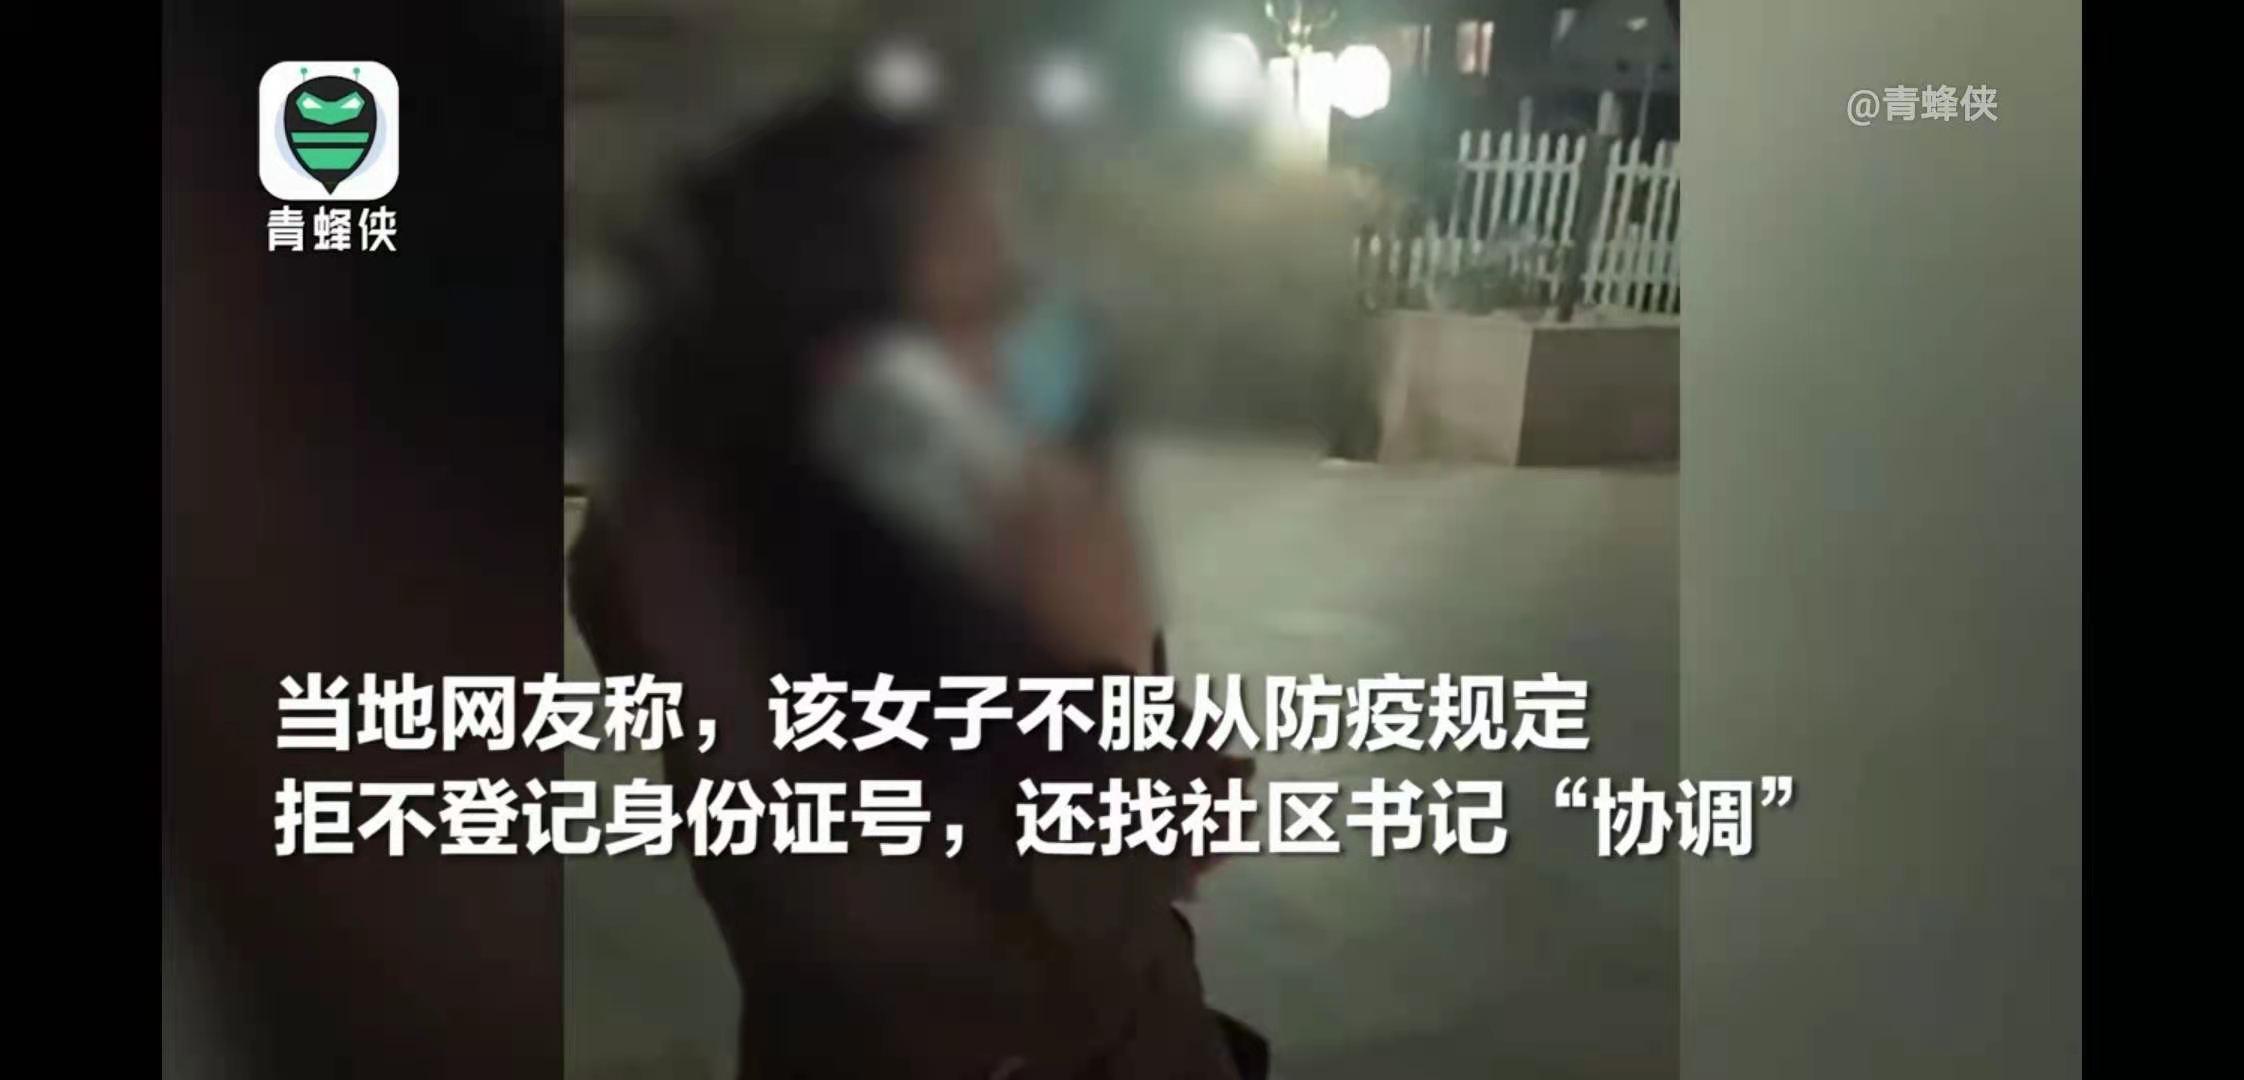 【币赢】_大连不配合防疫女子已道歉 志愿者仍在继续坚守